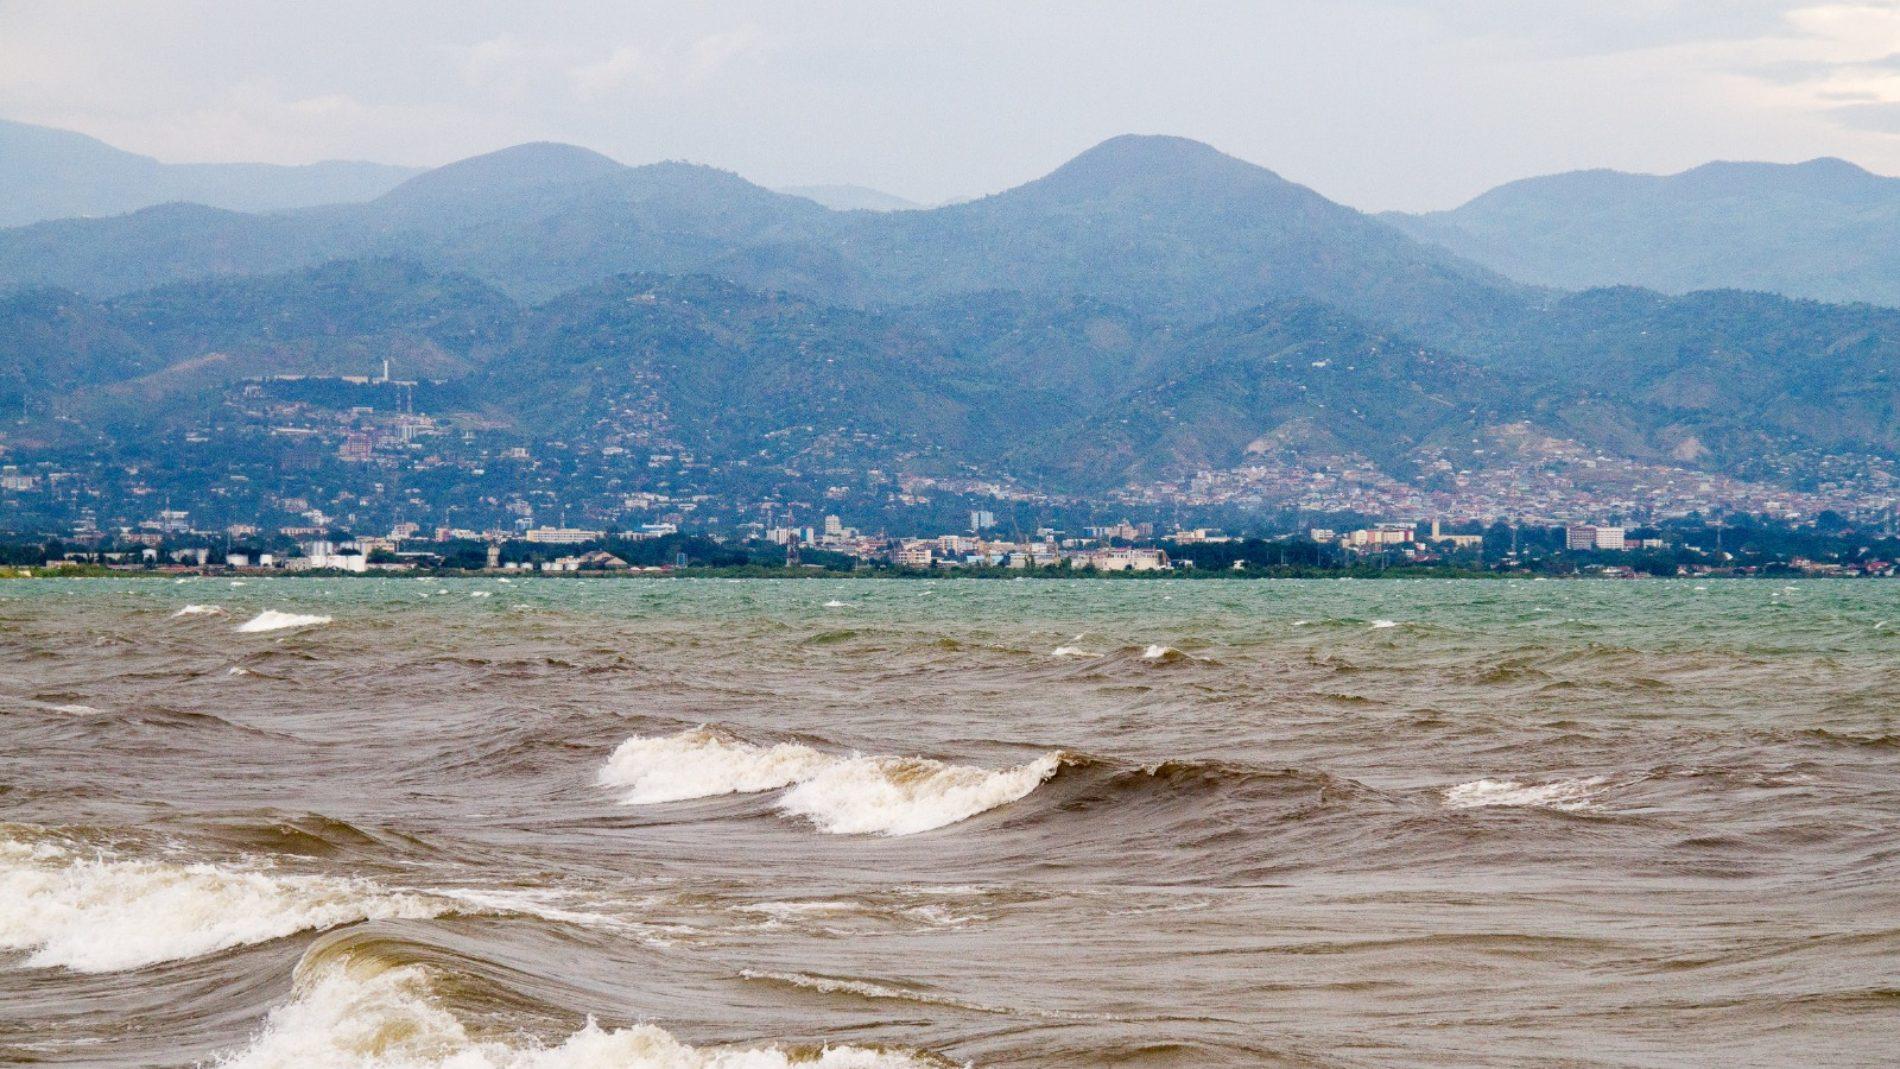 Burundi : le lac Tanganyika se déchaine, crainte des autorités